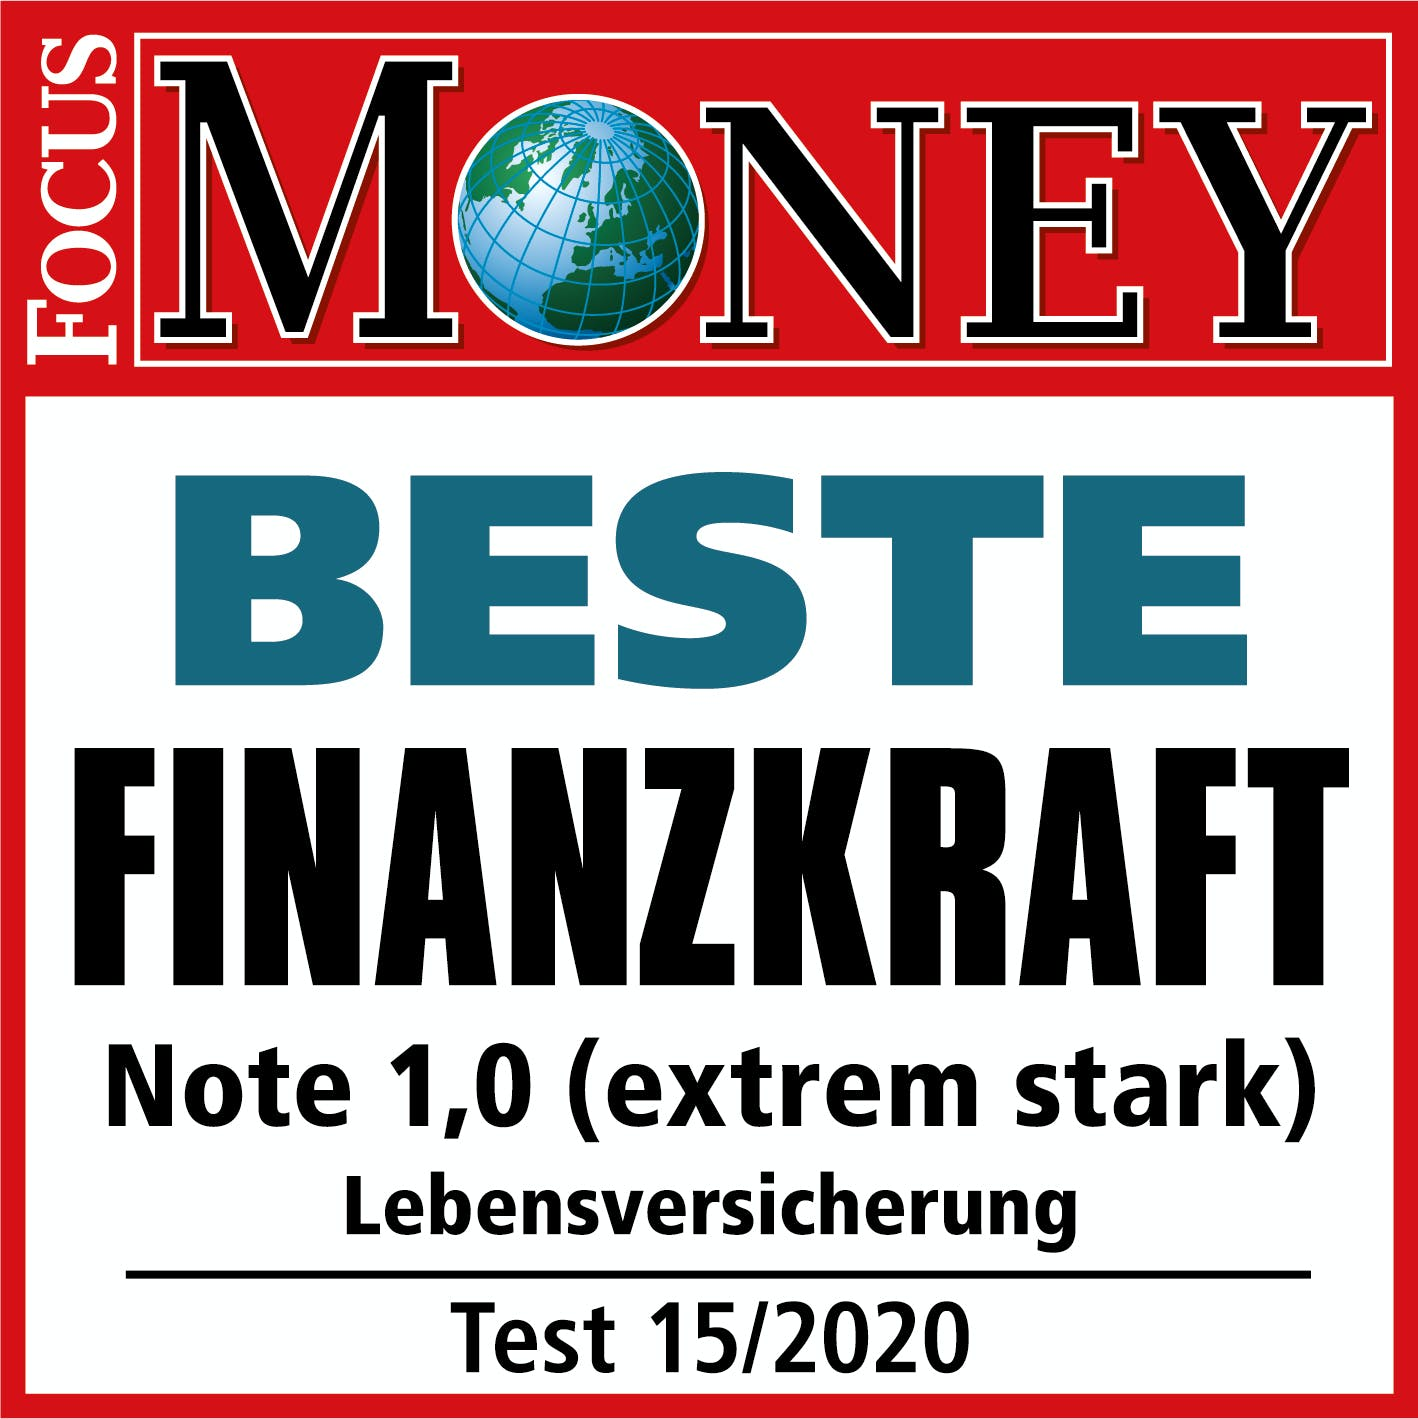 Lebensversicherung, Test Signet Focus Money, Testurteil: Beste Finanzkraft - Note: 1,0 (extrem stark), Test: 12/2019